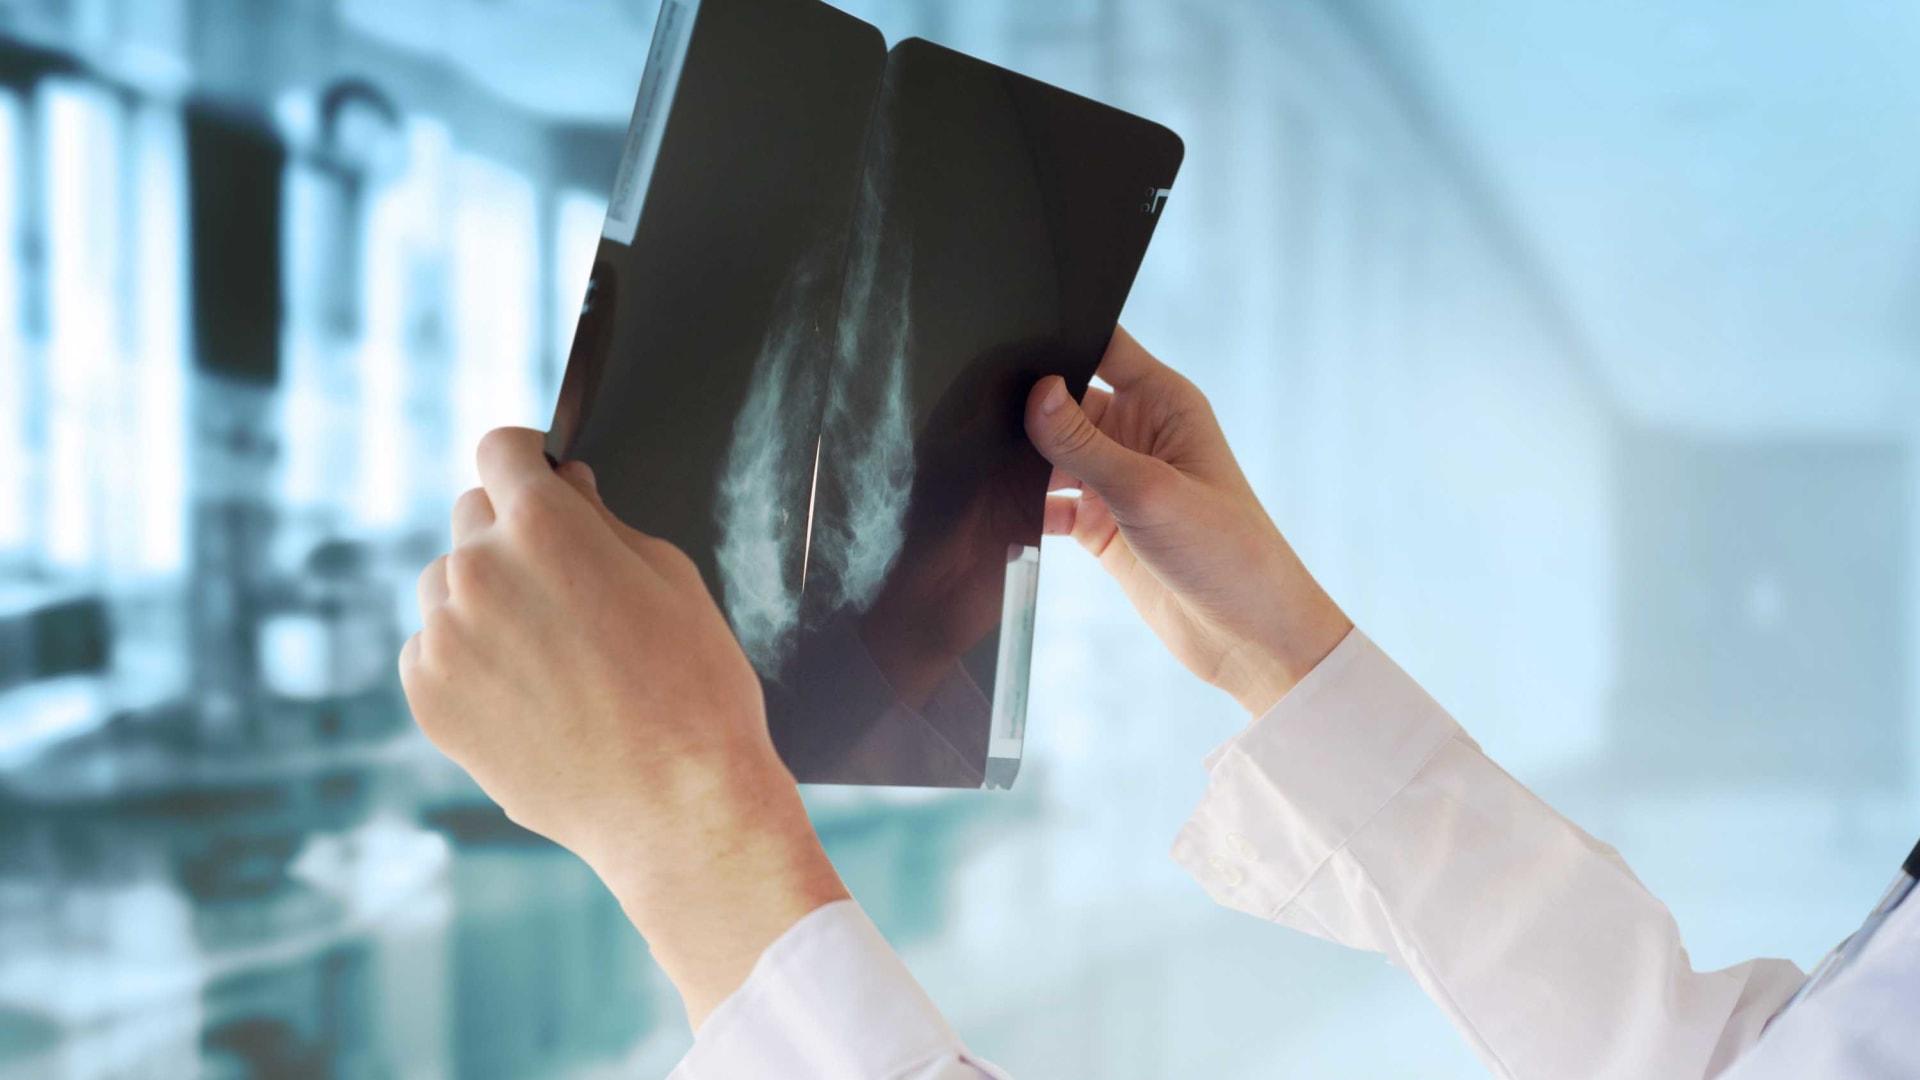 لأول مرة منذ 20 عاما.. سرطان الثدي يتجاوز سرطان الرئة ليصبح الأكثر شيوعا حول العالم